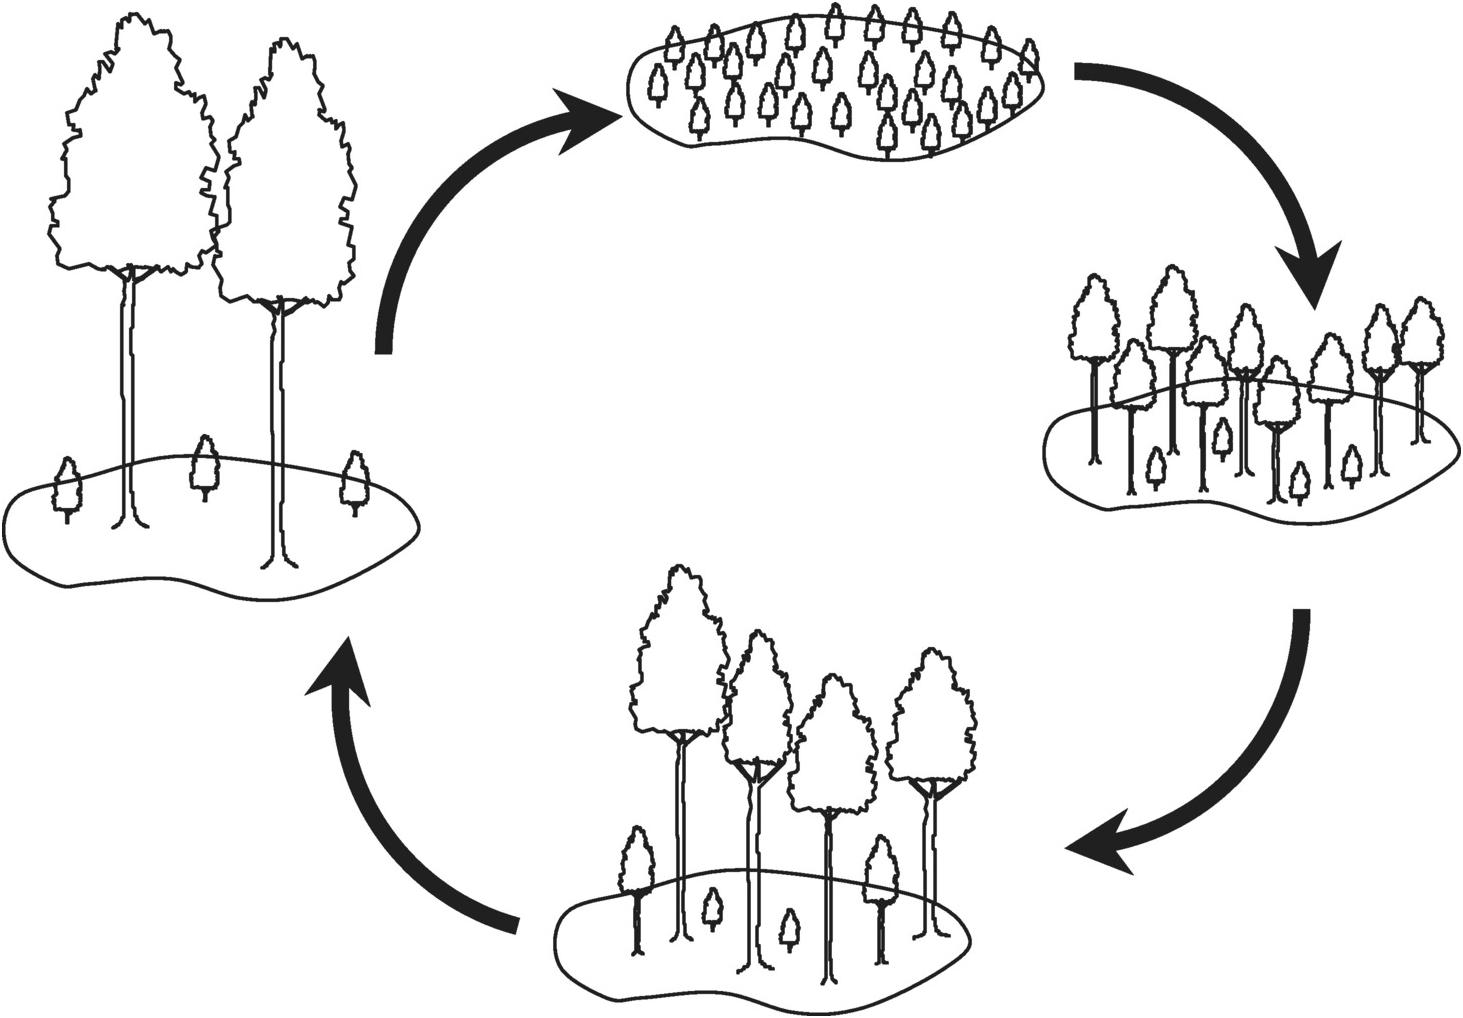 Vegetation Demography (Chapter 19).